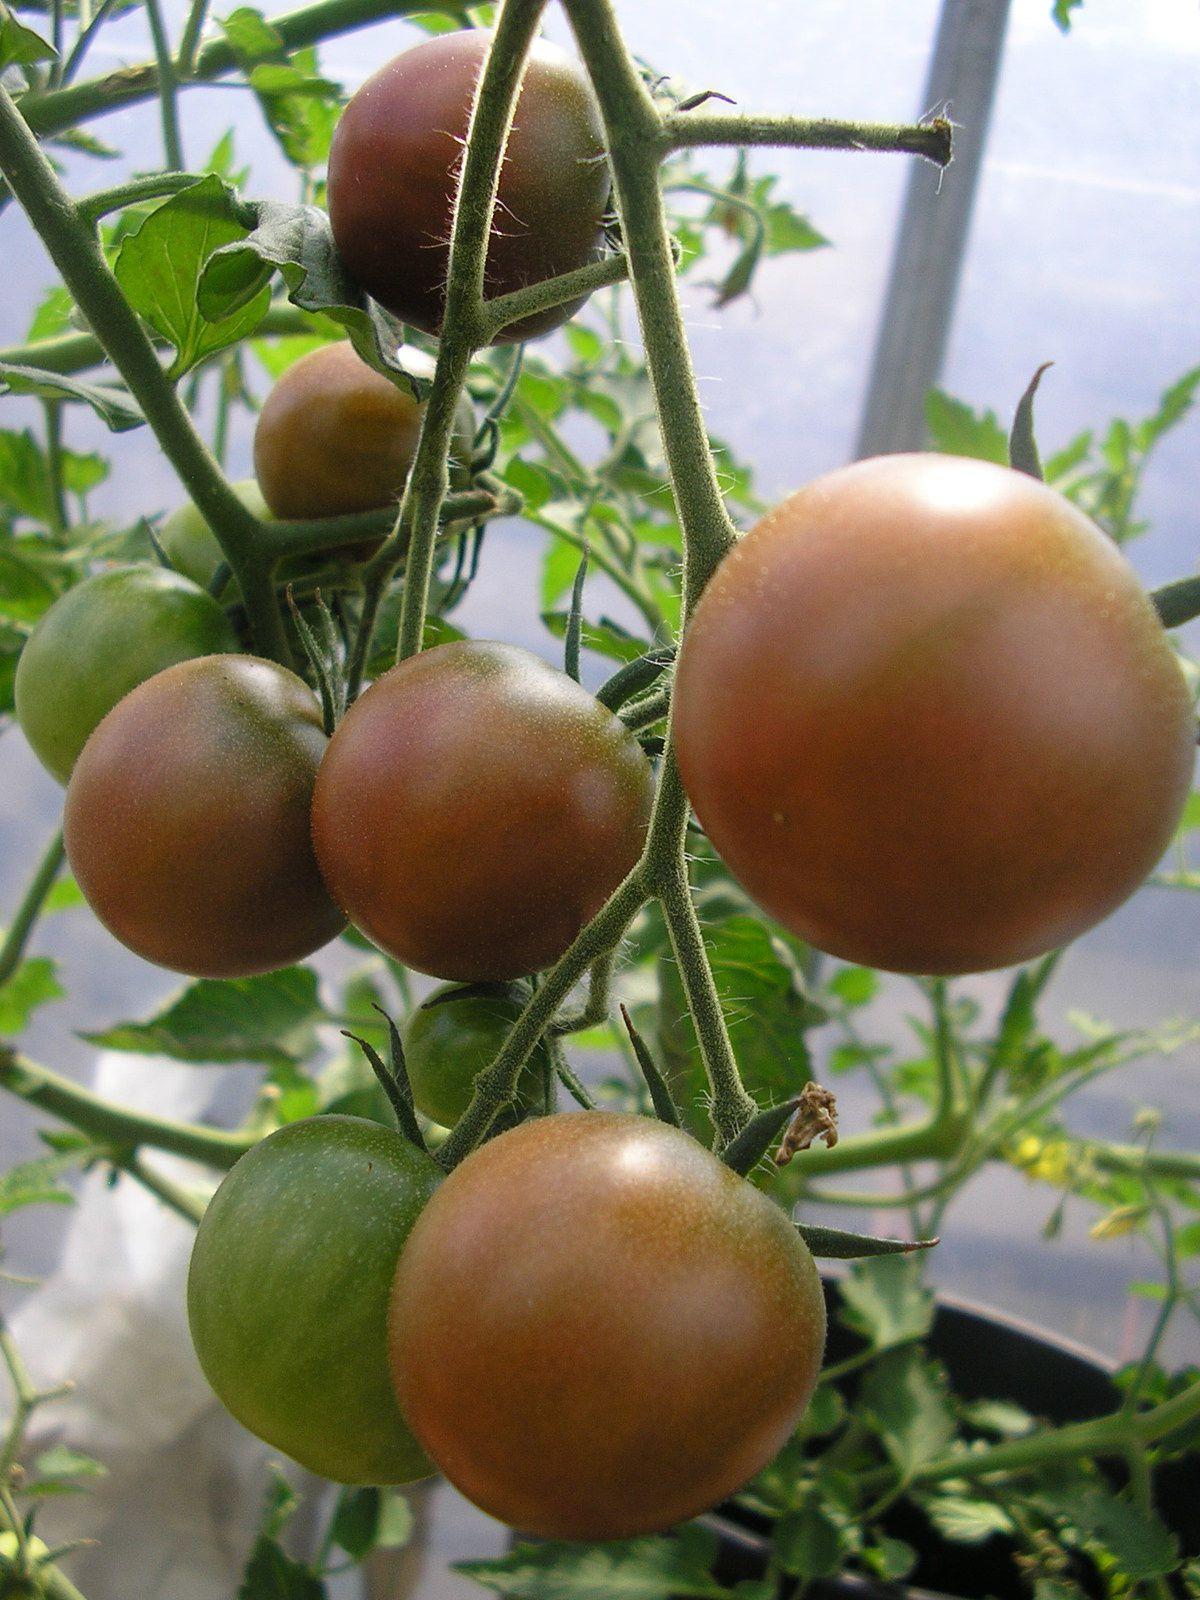 Tomates blanches, green zébra, cornues des Andes, cœur de bœuf, black cherry, cerise.